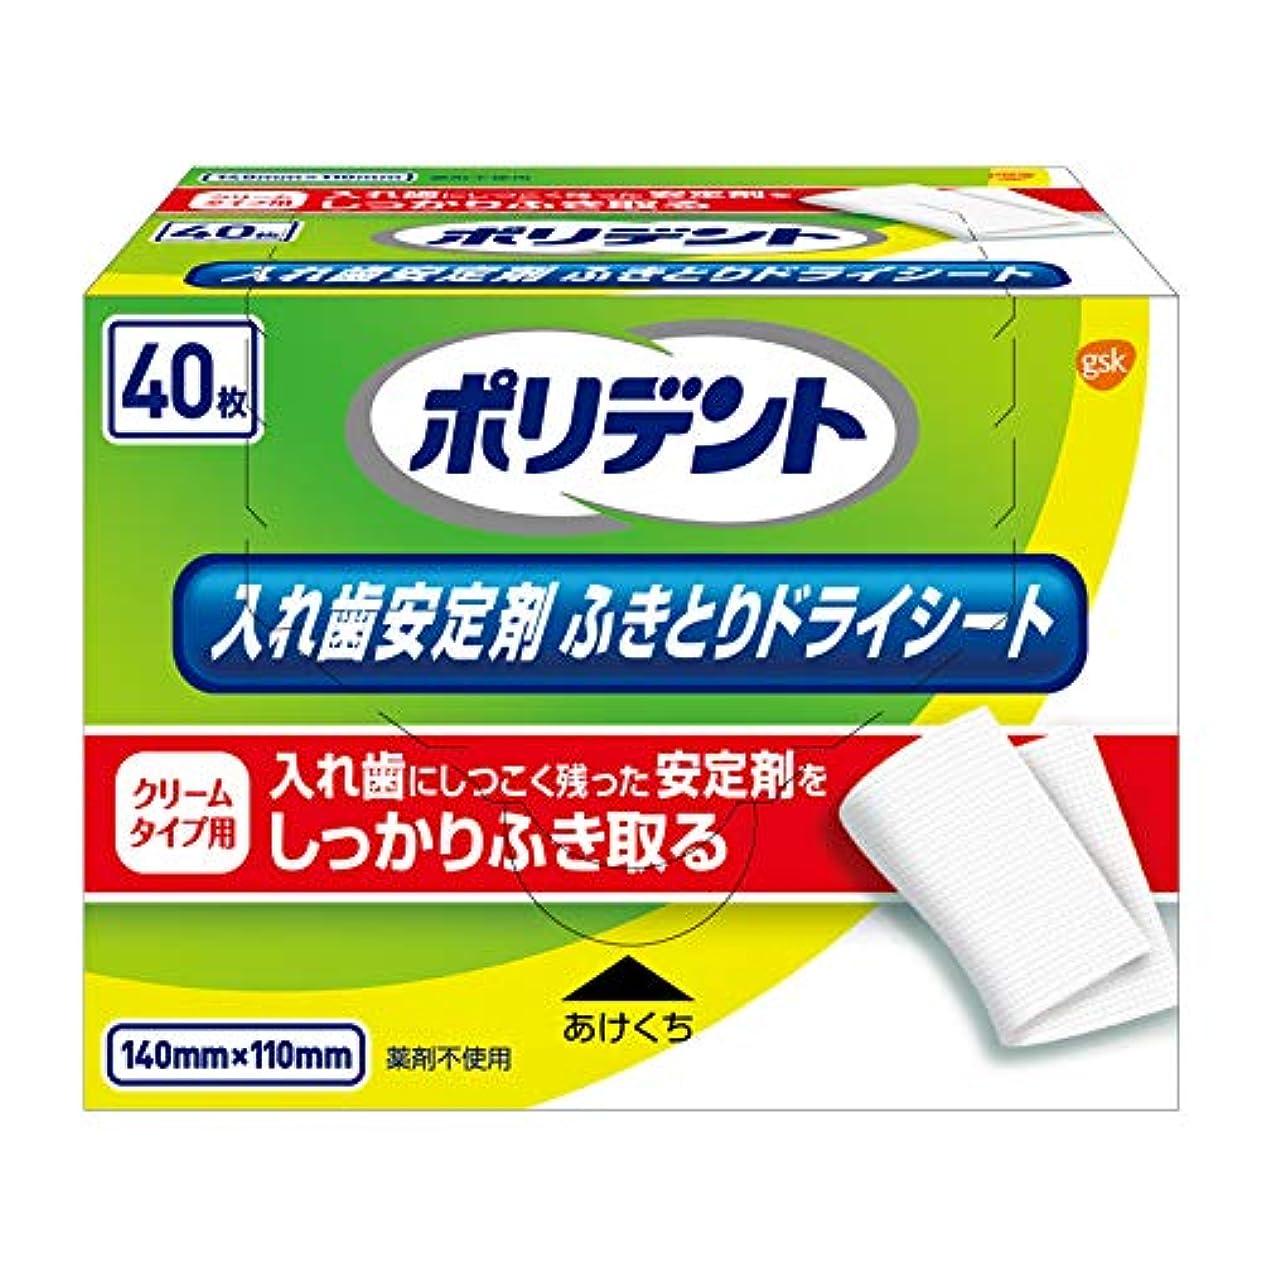 セント条件付きマネージャーポリデント 入れ歯安定剤ふきとりドライシート 40枚